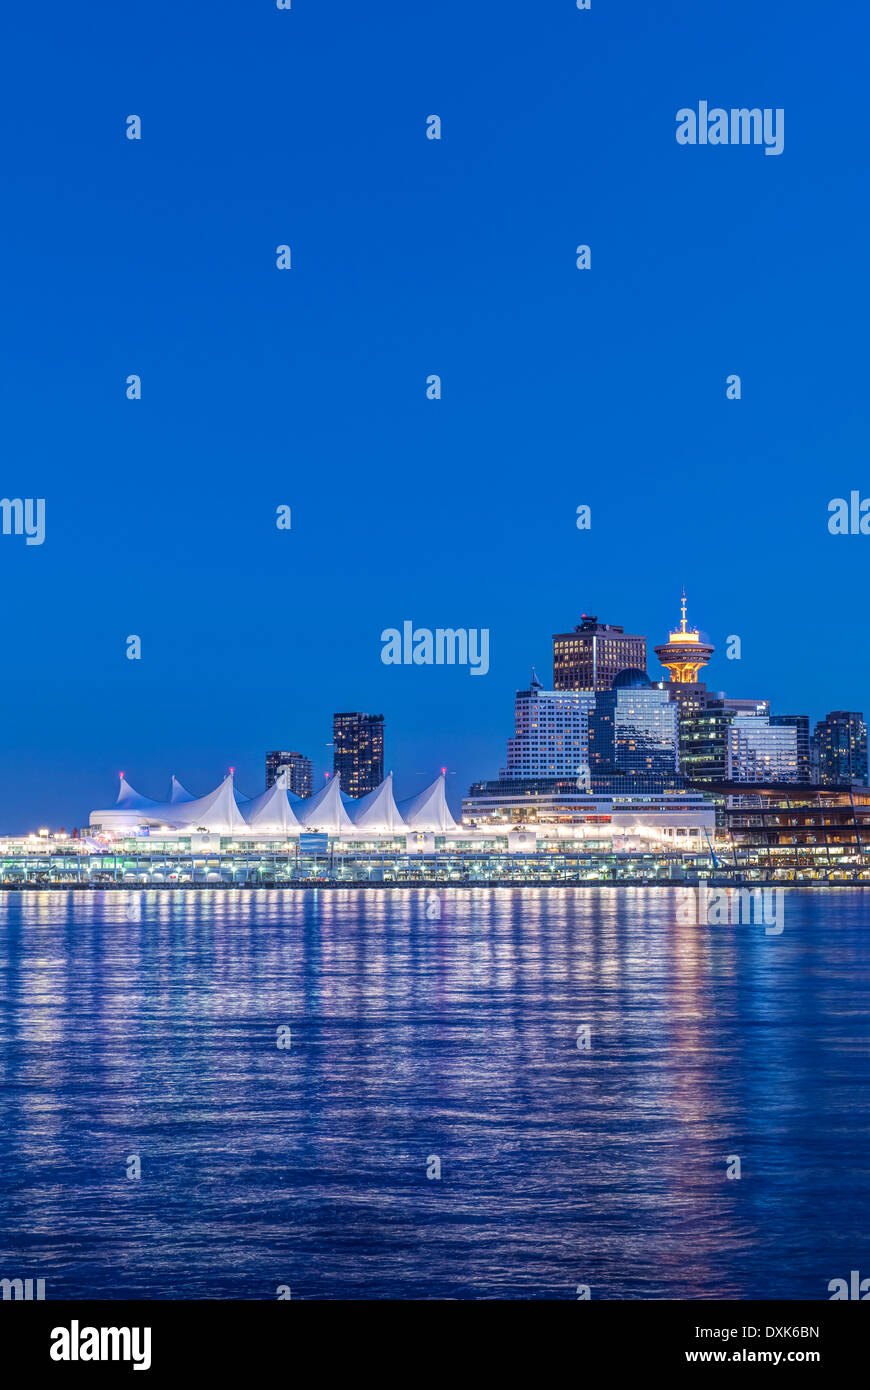 Waterfront skyline iluminado en la noche, Vancouver, British Columbia, Canadá Imagen De Stock